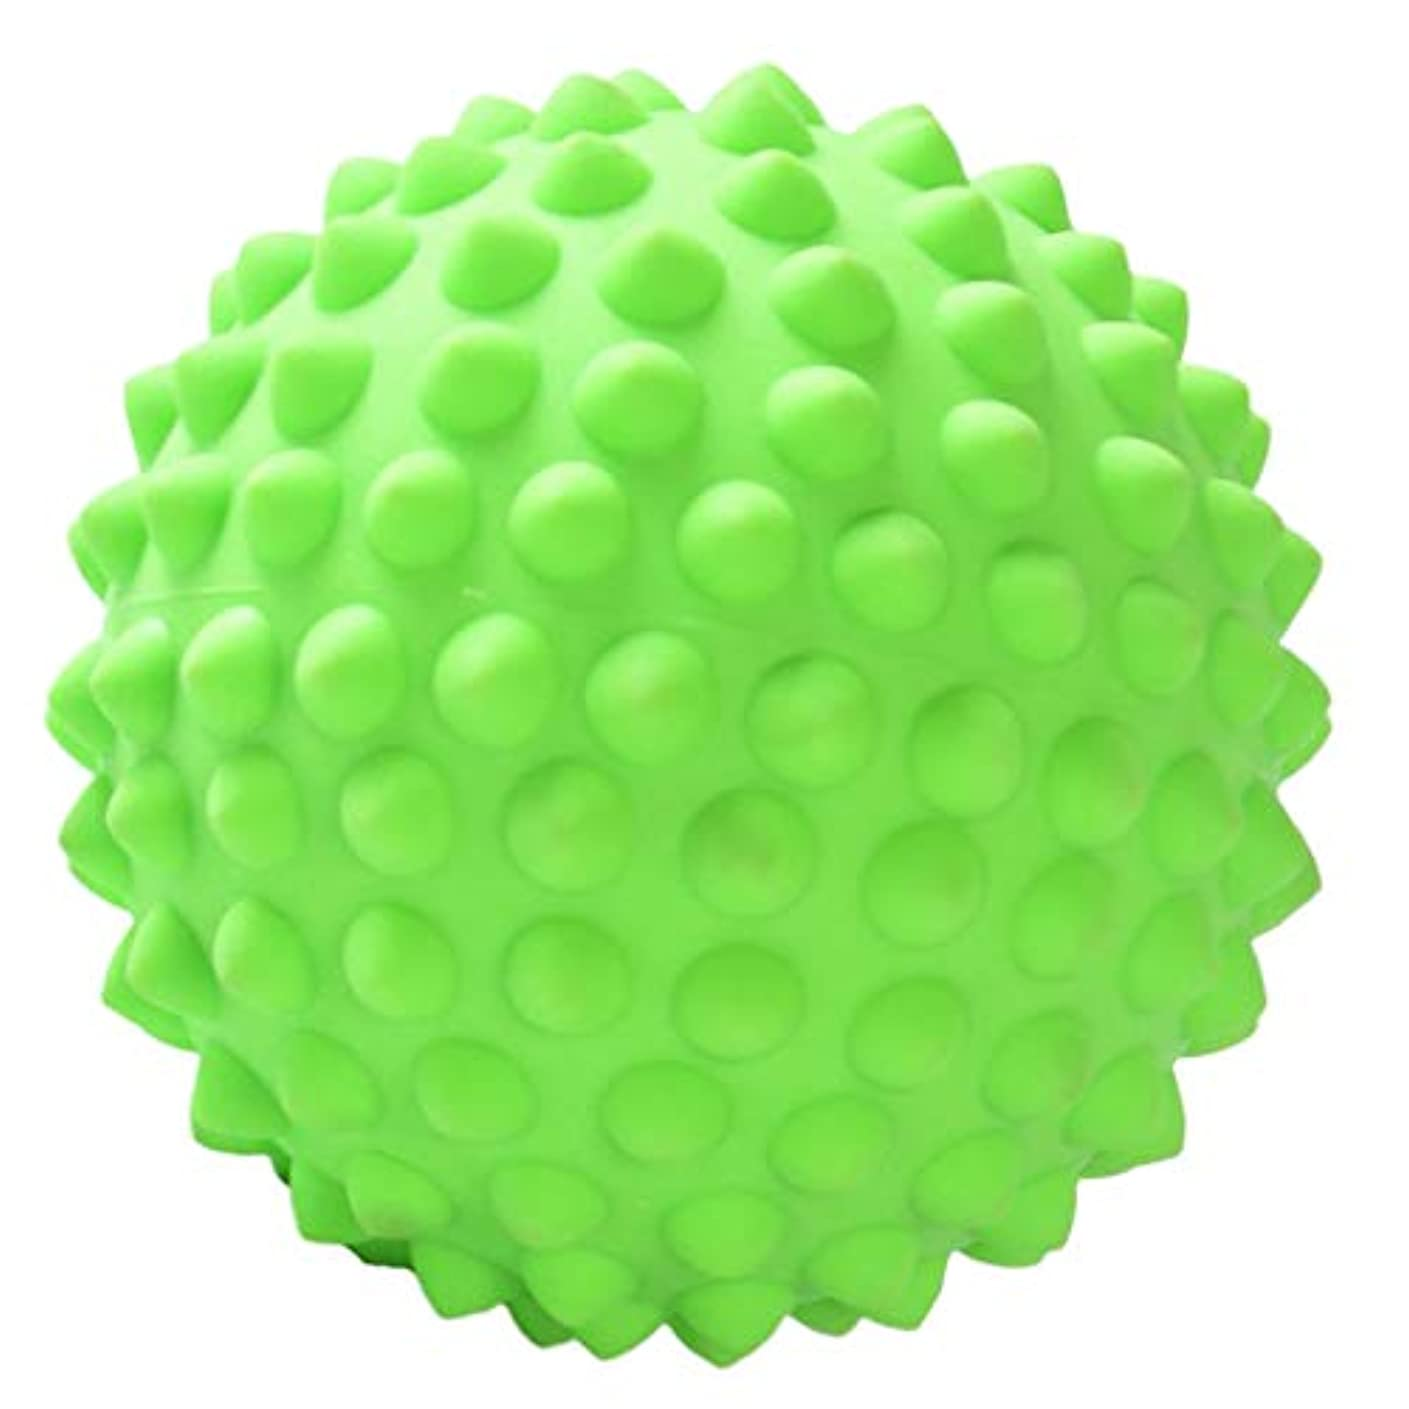 者シールド許されるマッサージボール 約9 cm ツボ押し ジム オフィス 自宅用 3色選べ - 緑, 説明のとおり